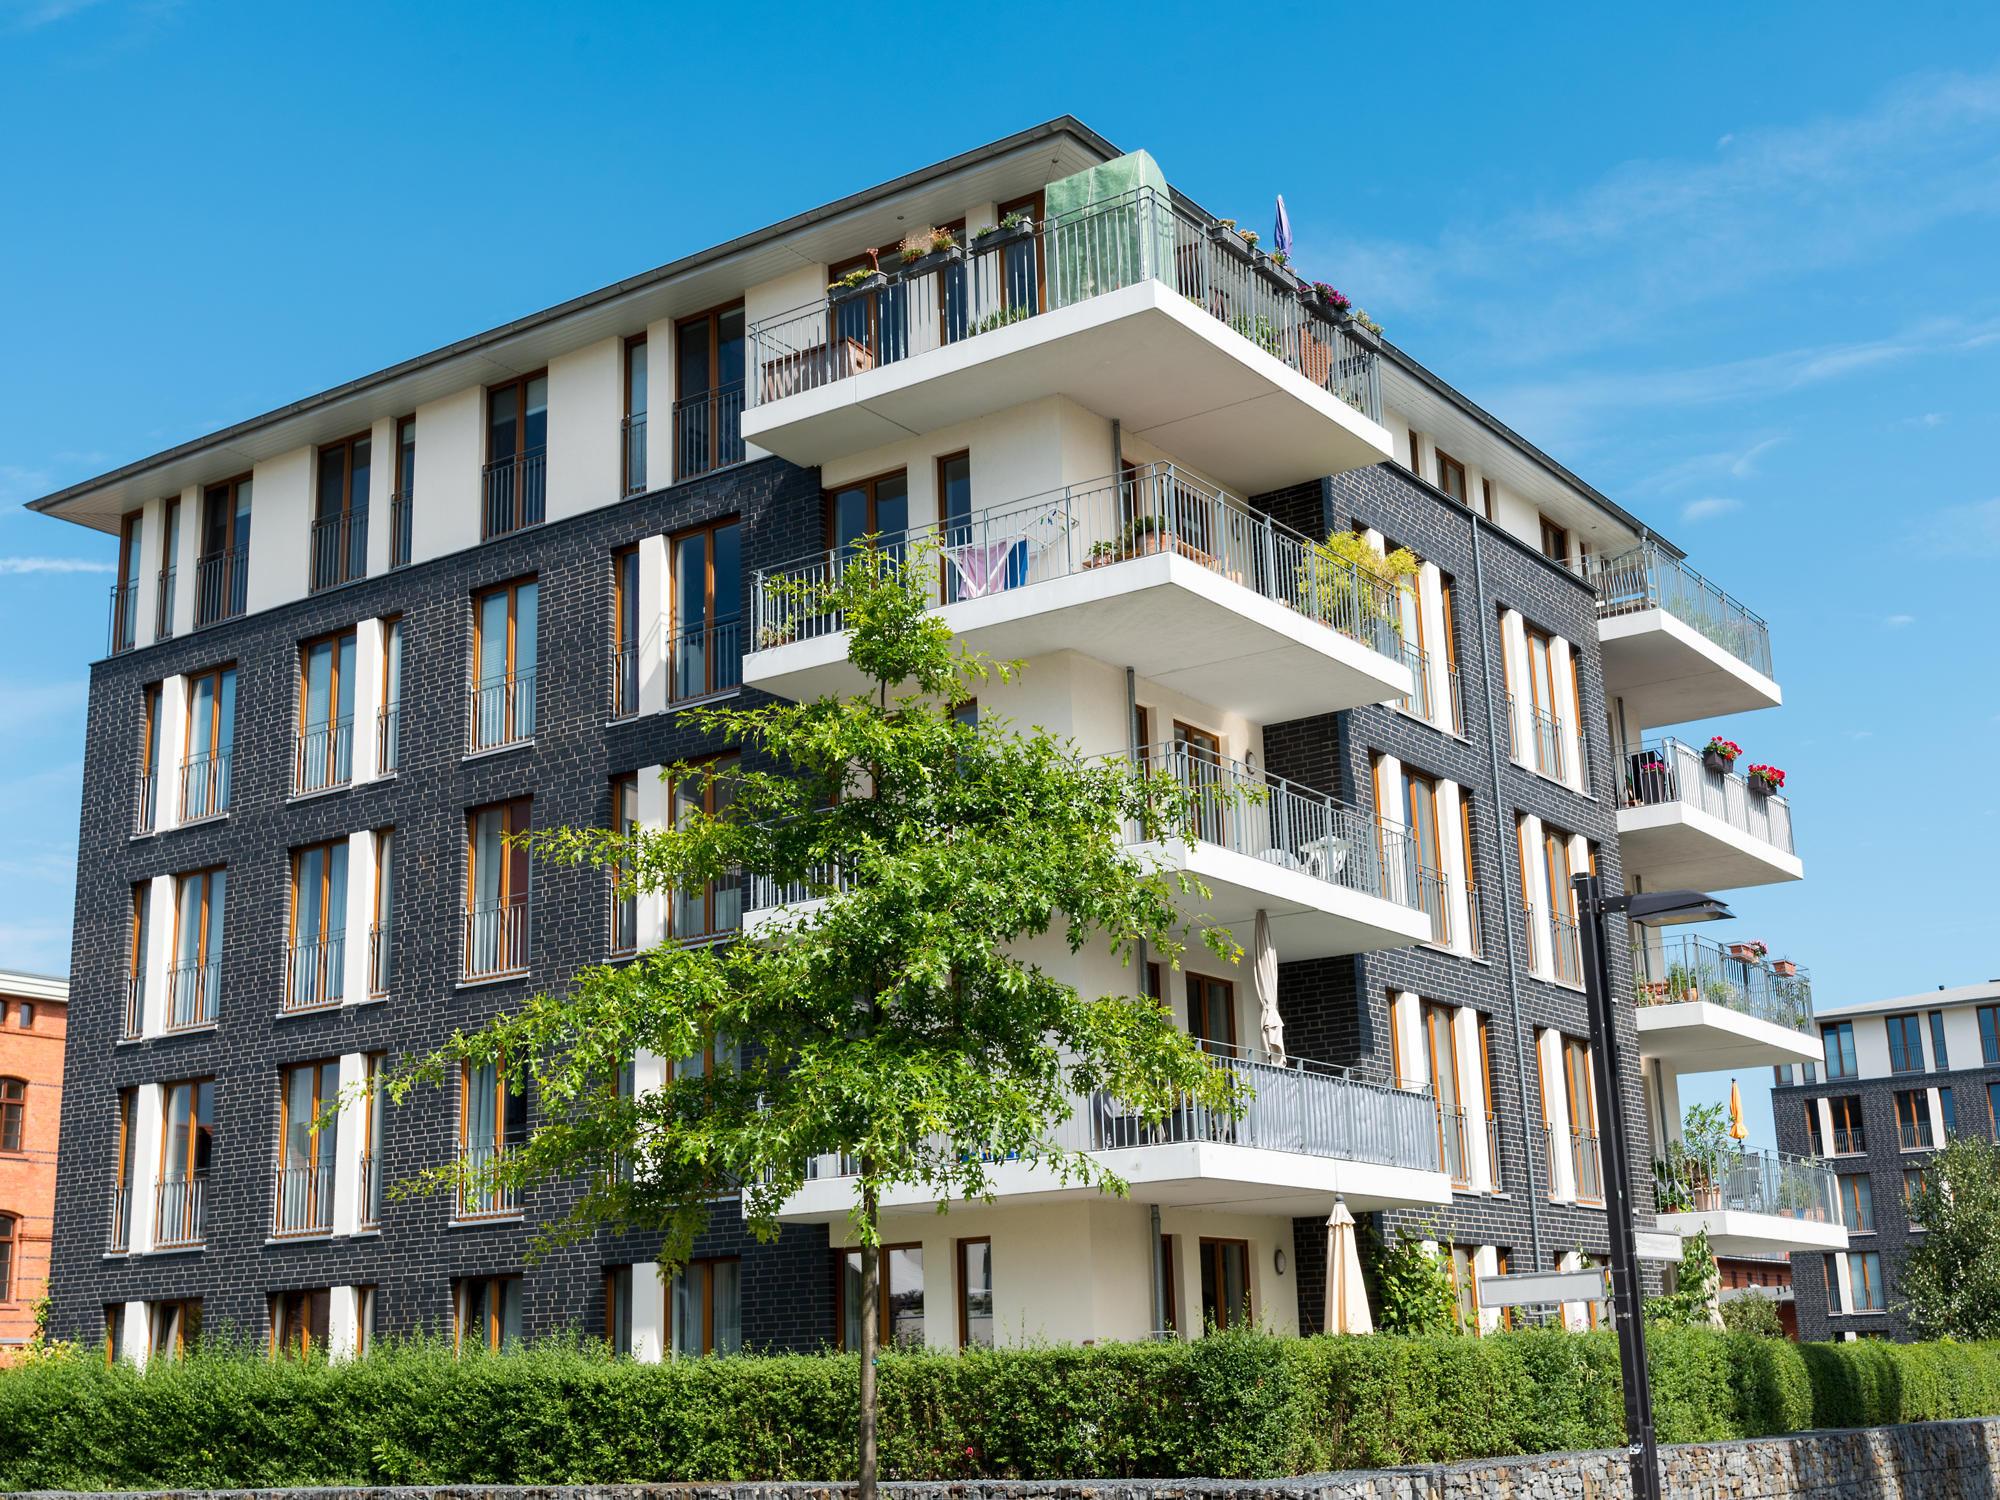 Wohnungen Kiel  Mehrfamilienhaus mit 11 Wohnungen bauen